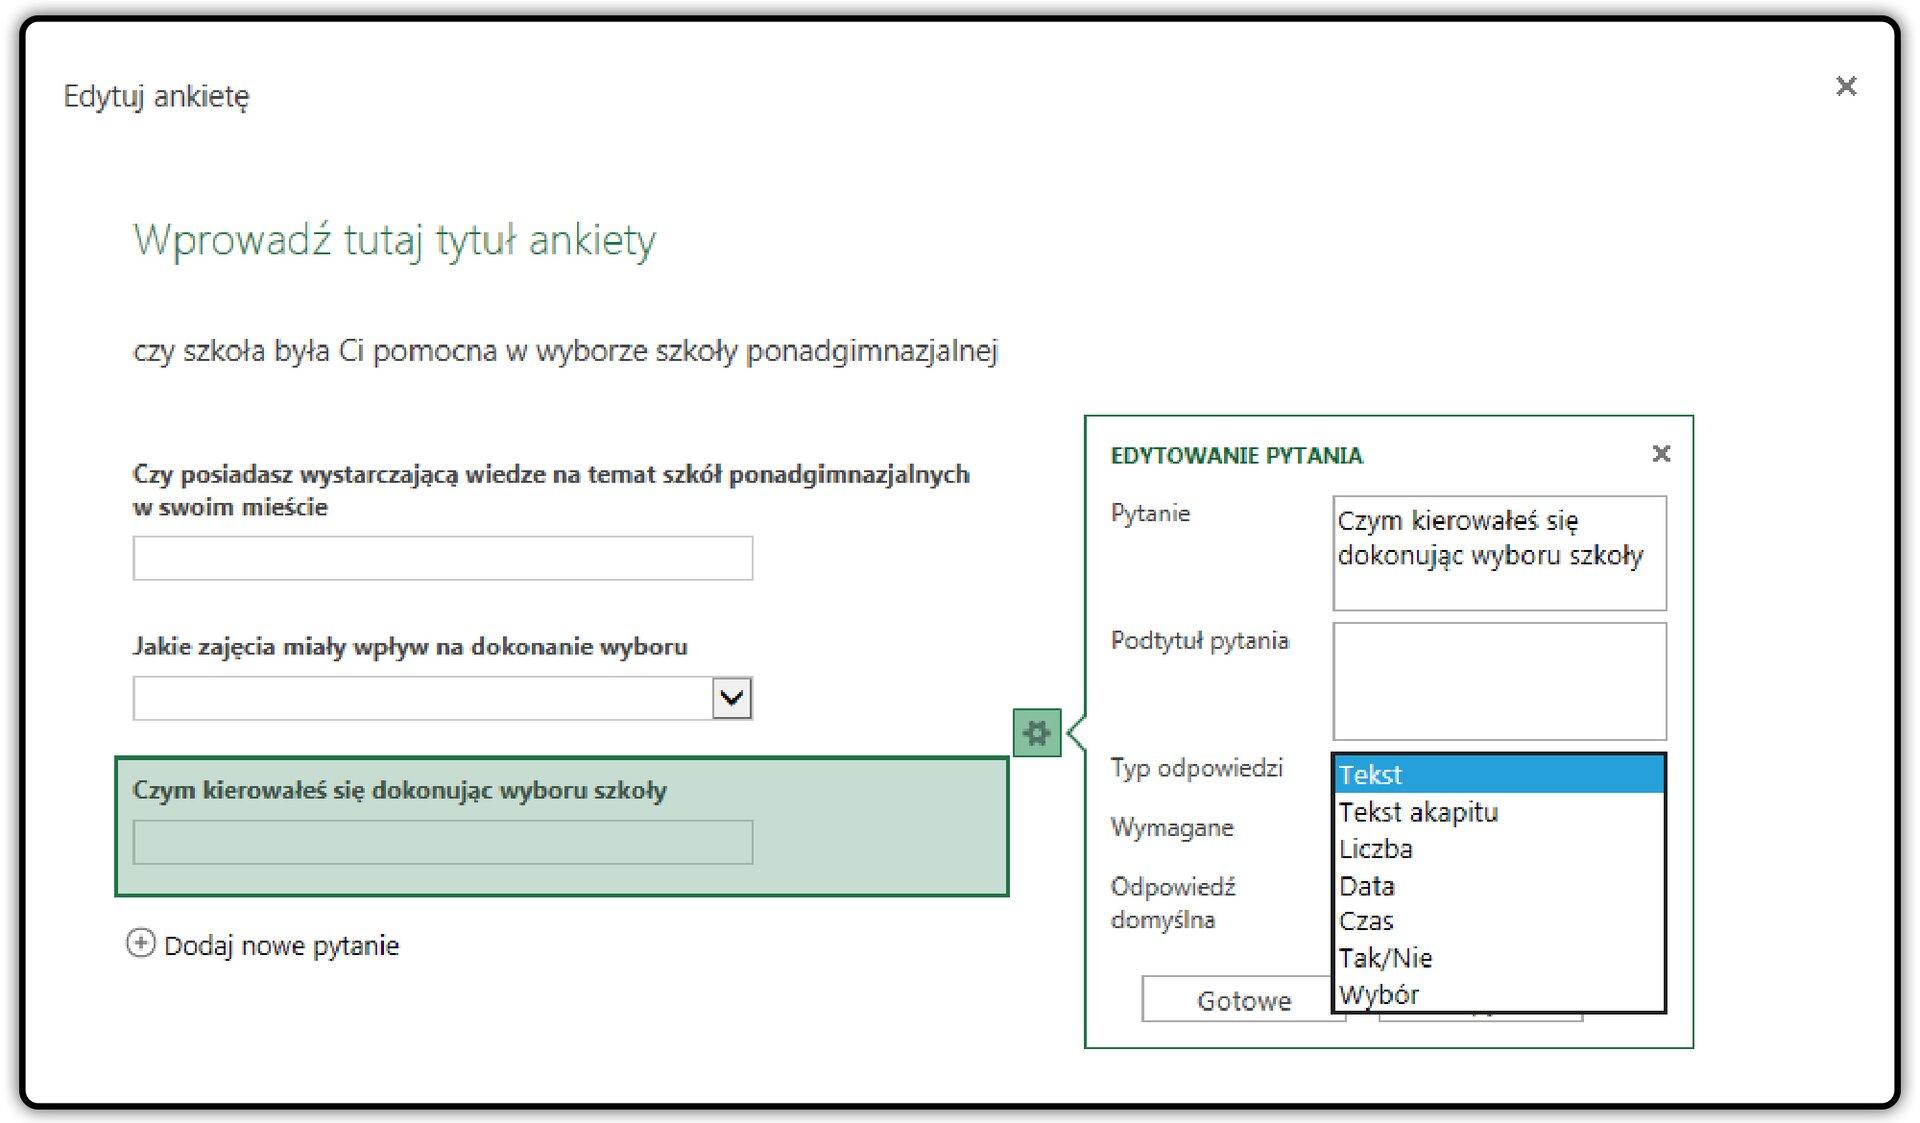 Zrzut okna: Edytuj ankietę zotwartym oknem: Edytowanie pytania